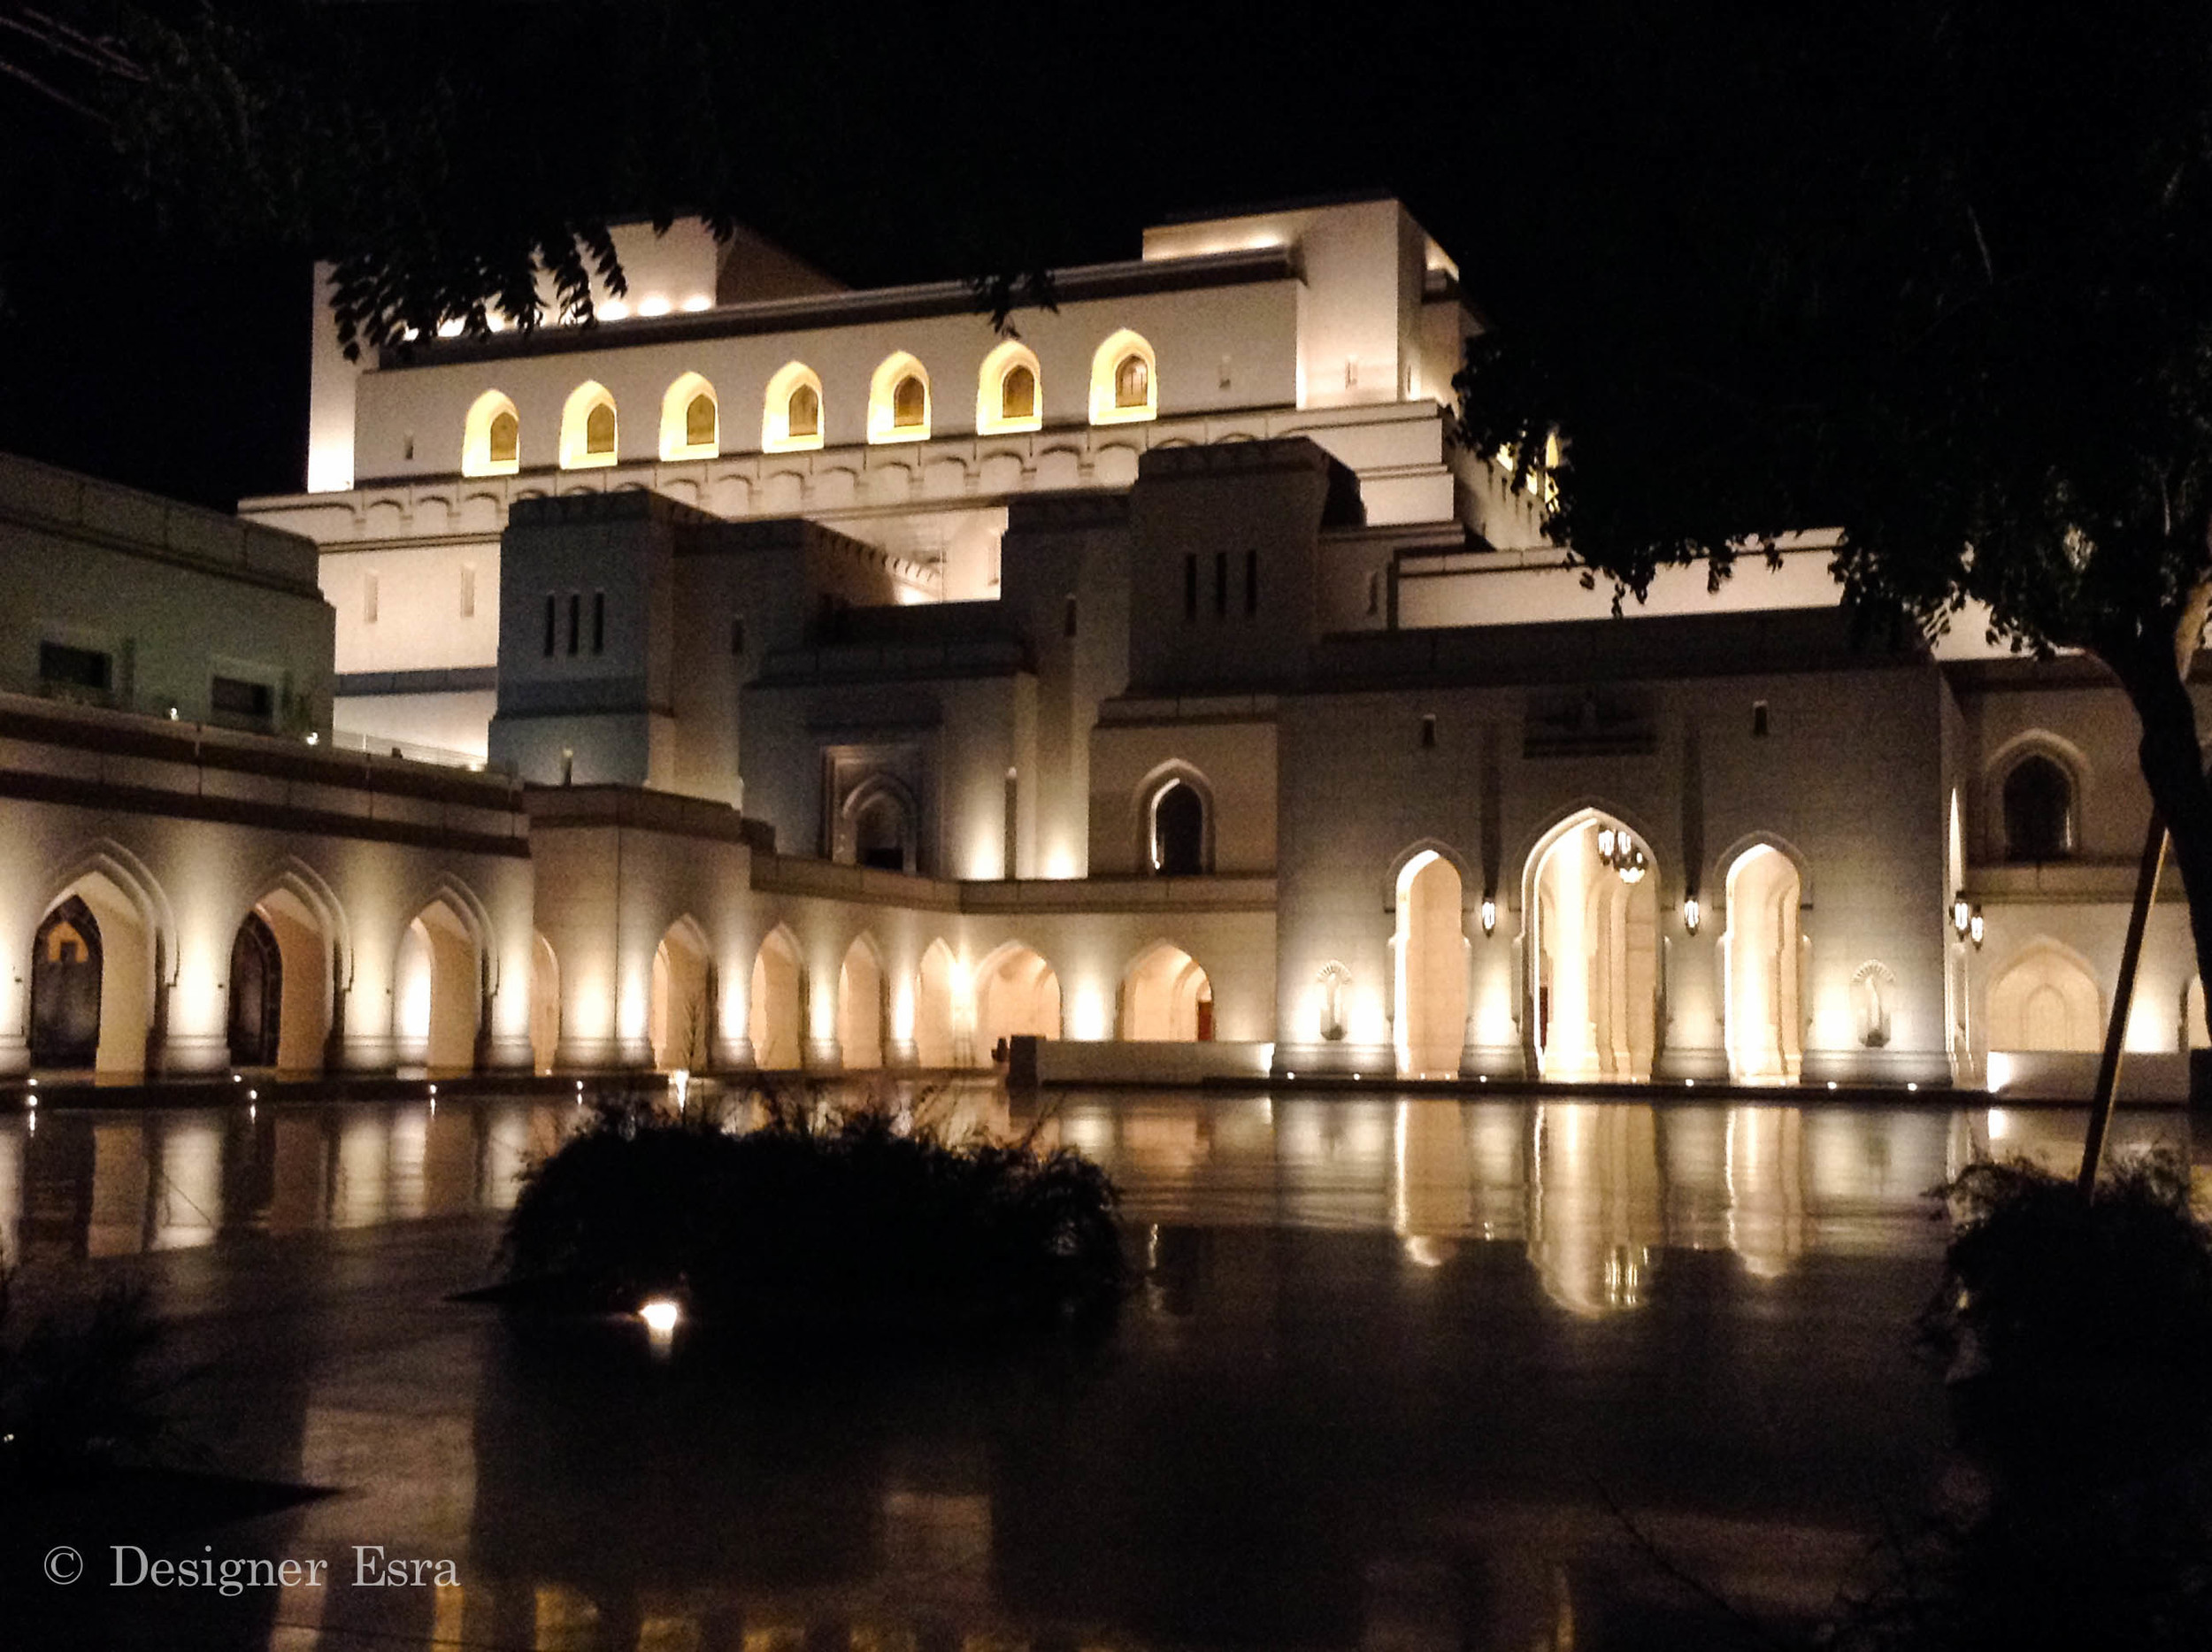 Muscat Royal Opera House